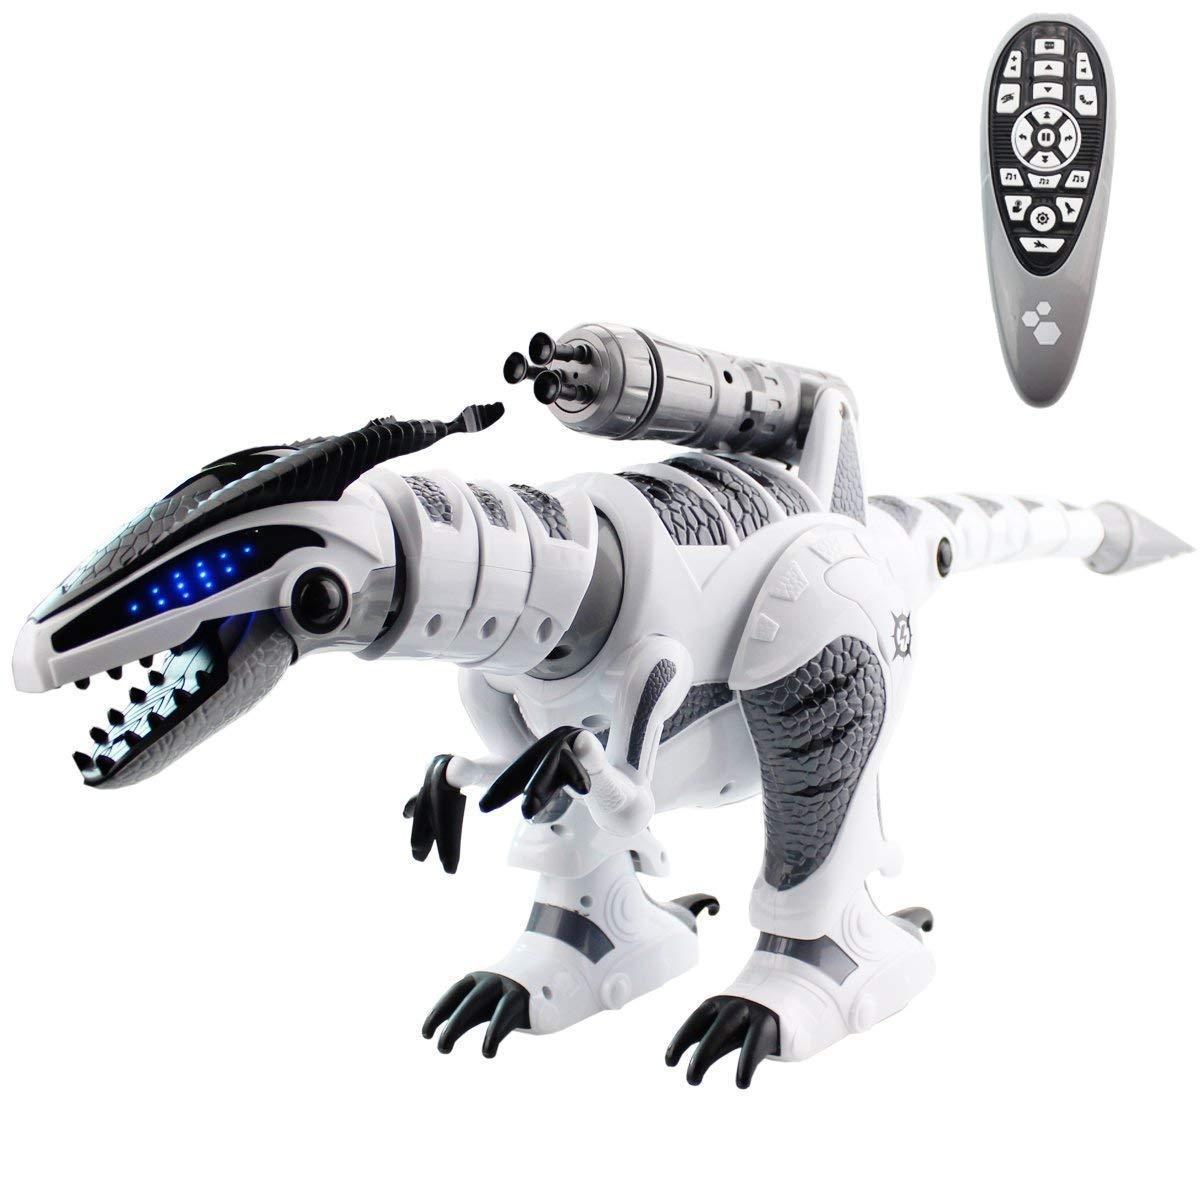 Jouets dinosaures robot rc Intelligent Interactif Smart Marcher Danse Chanter Électronique Animaux L'éducation jouets pour enfants blanc Gris